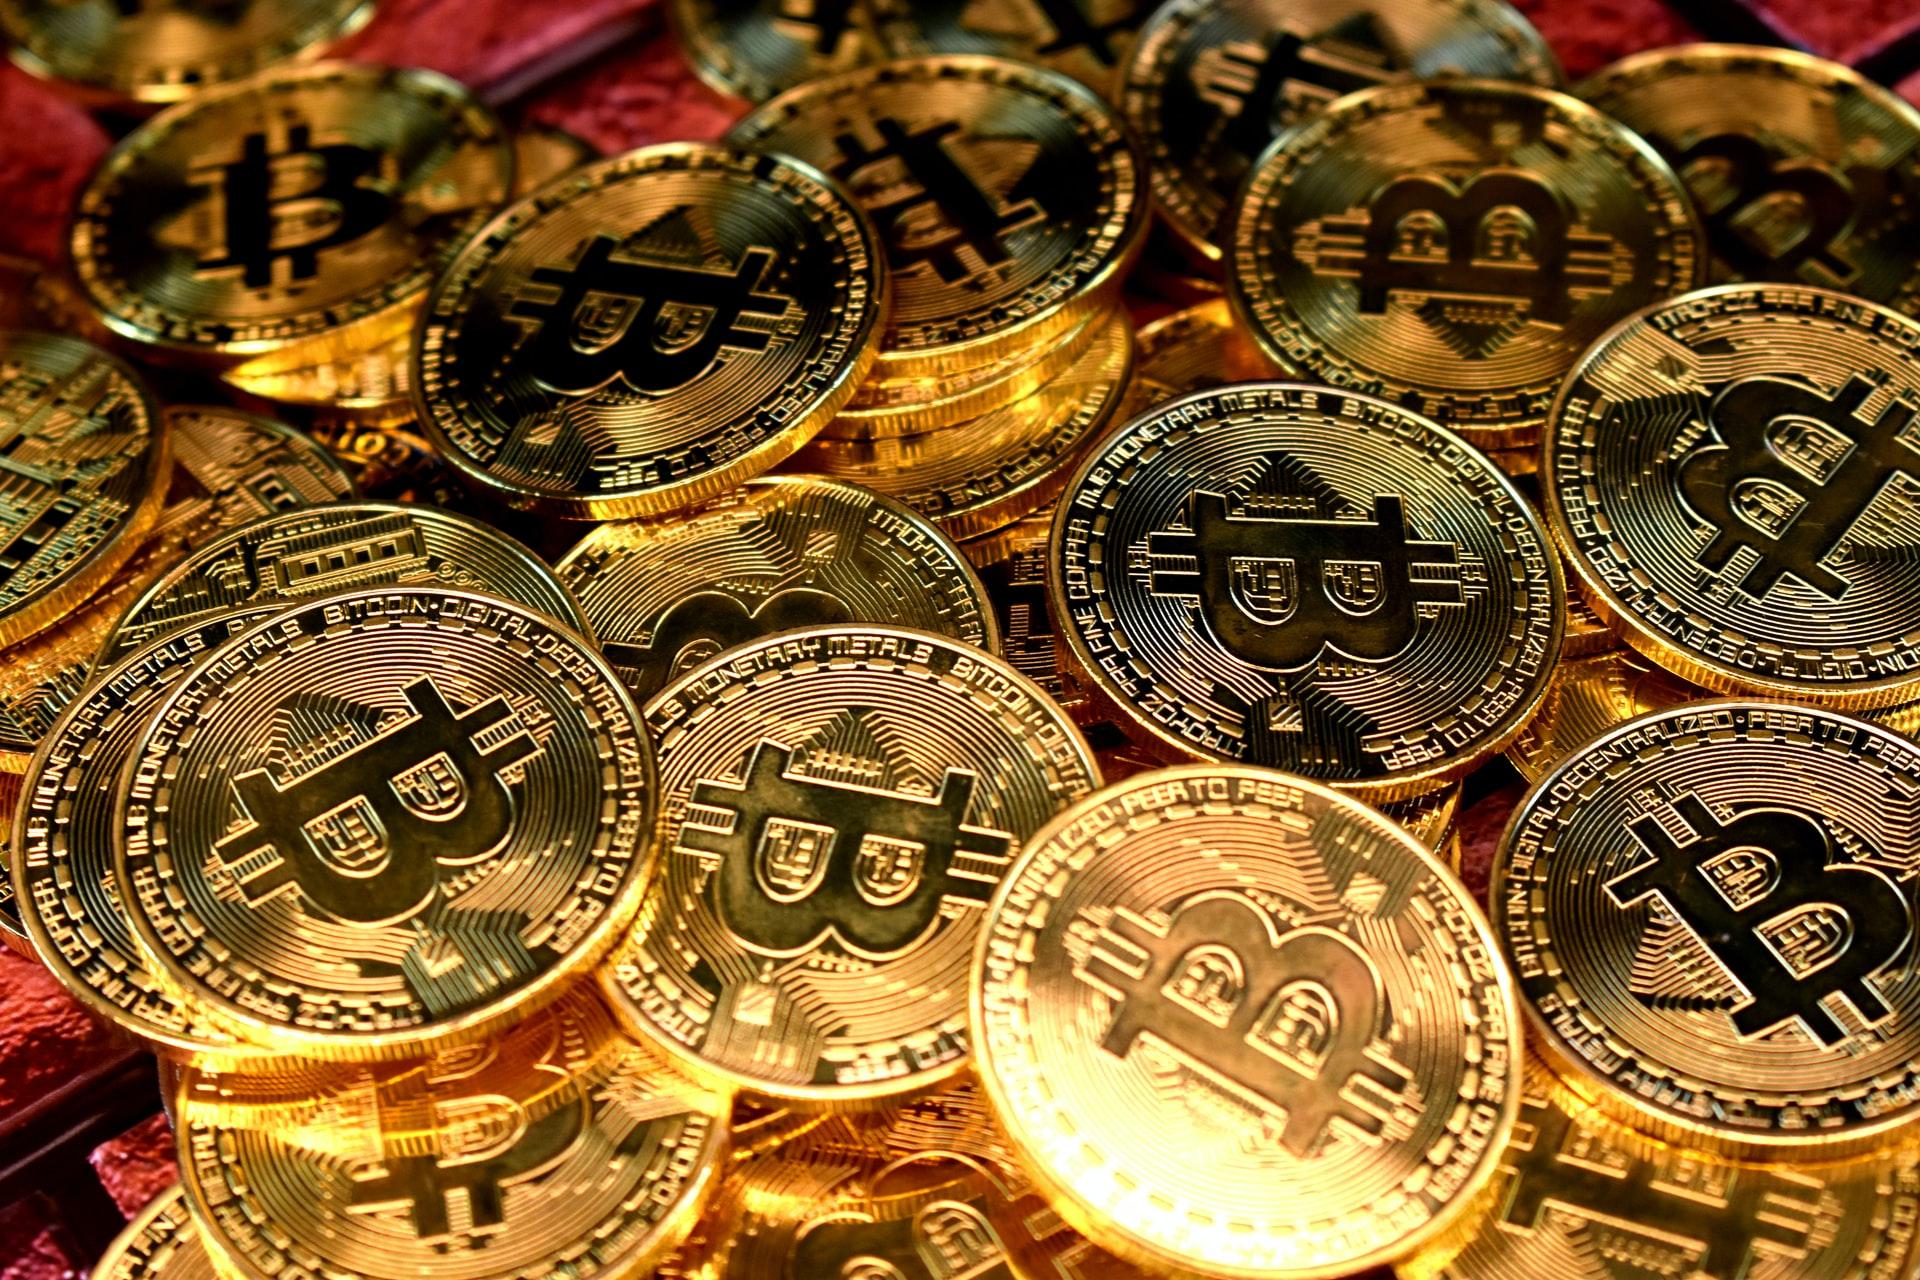 MicroStrategy ahora tiene más de 105 mil bitcoins tras anunciar la compra de 489 millones de dólares en la criptomoneda